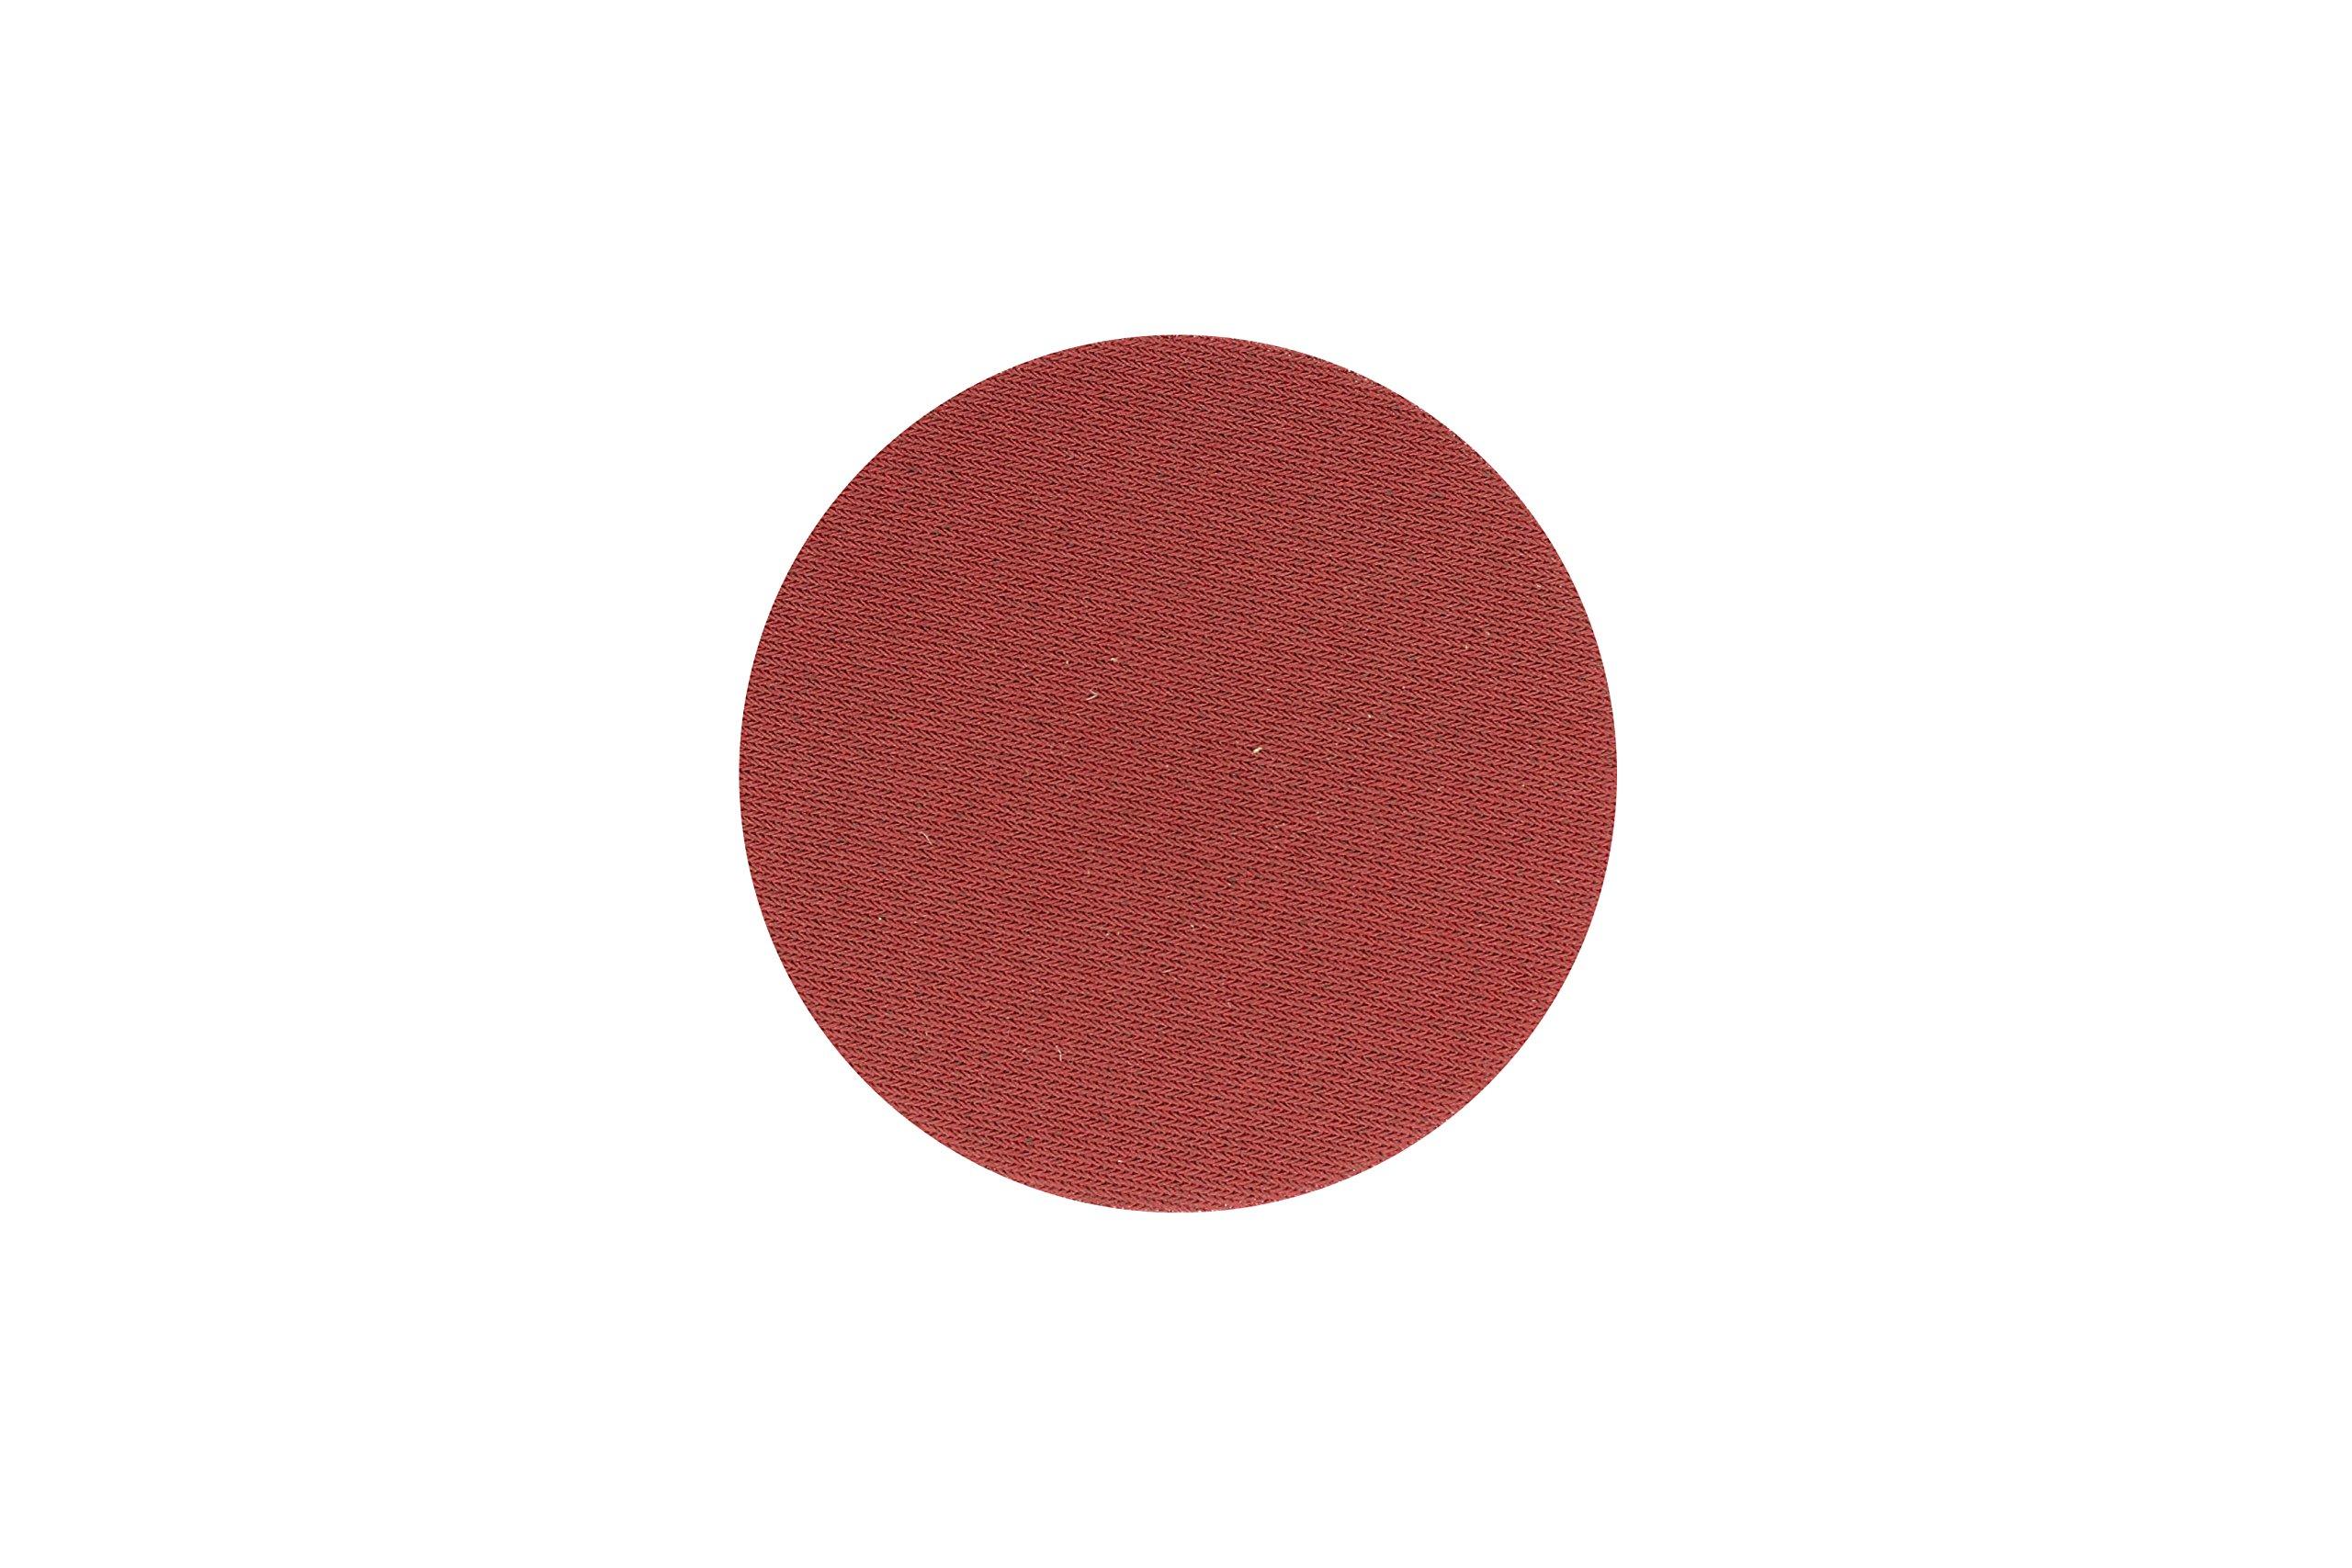 Sunmight 96120 3'' No Hole Velcro Foam Disc (Sunfoam Grit 1000)